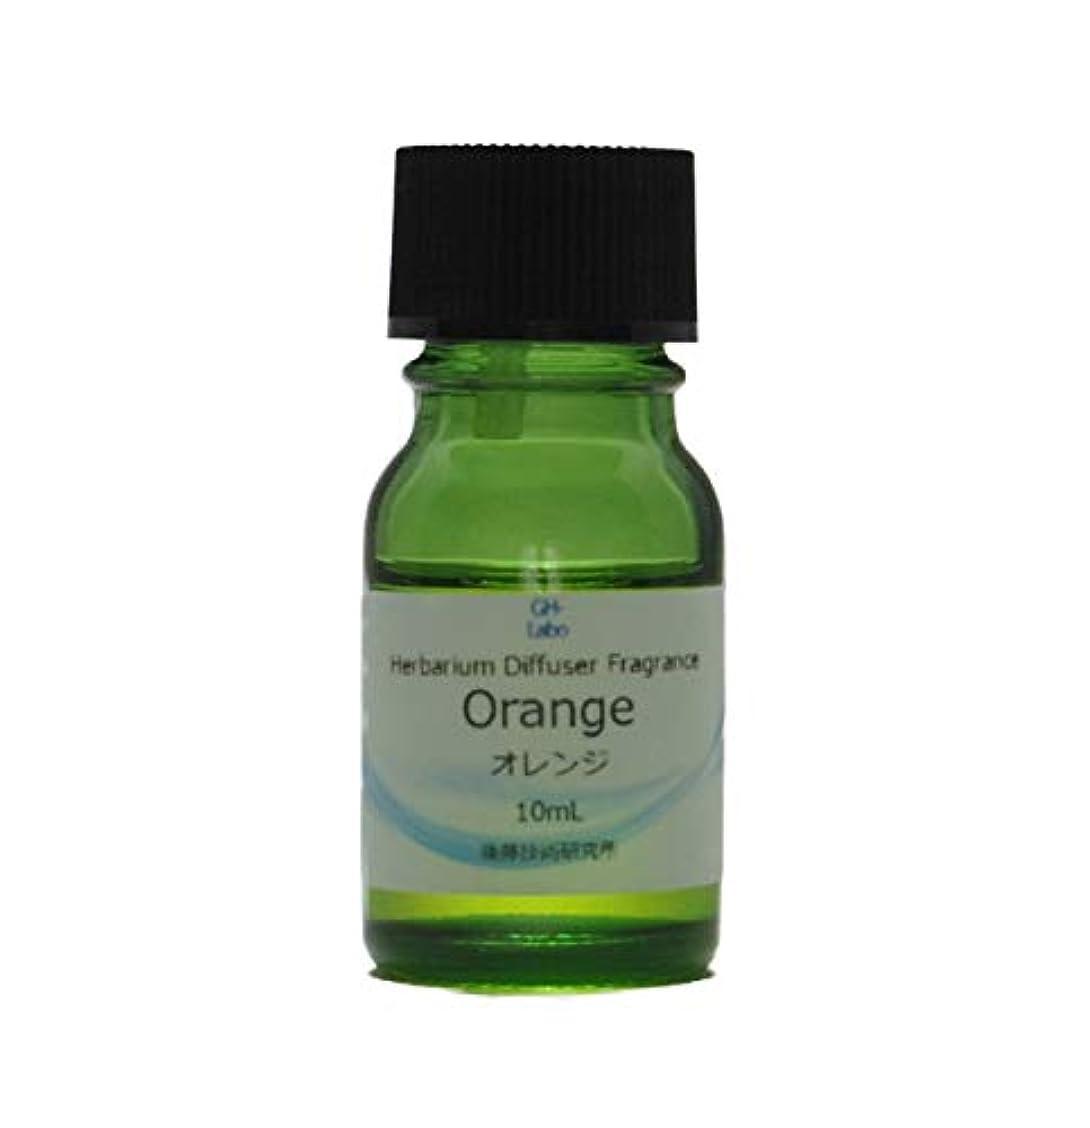 科学的定刻進捗オレンジ フレグランス 香料 ディフューザー ハーバリウム アロマオイル 手作り 化粧品